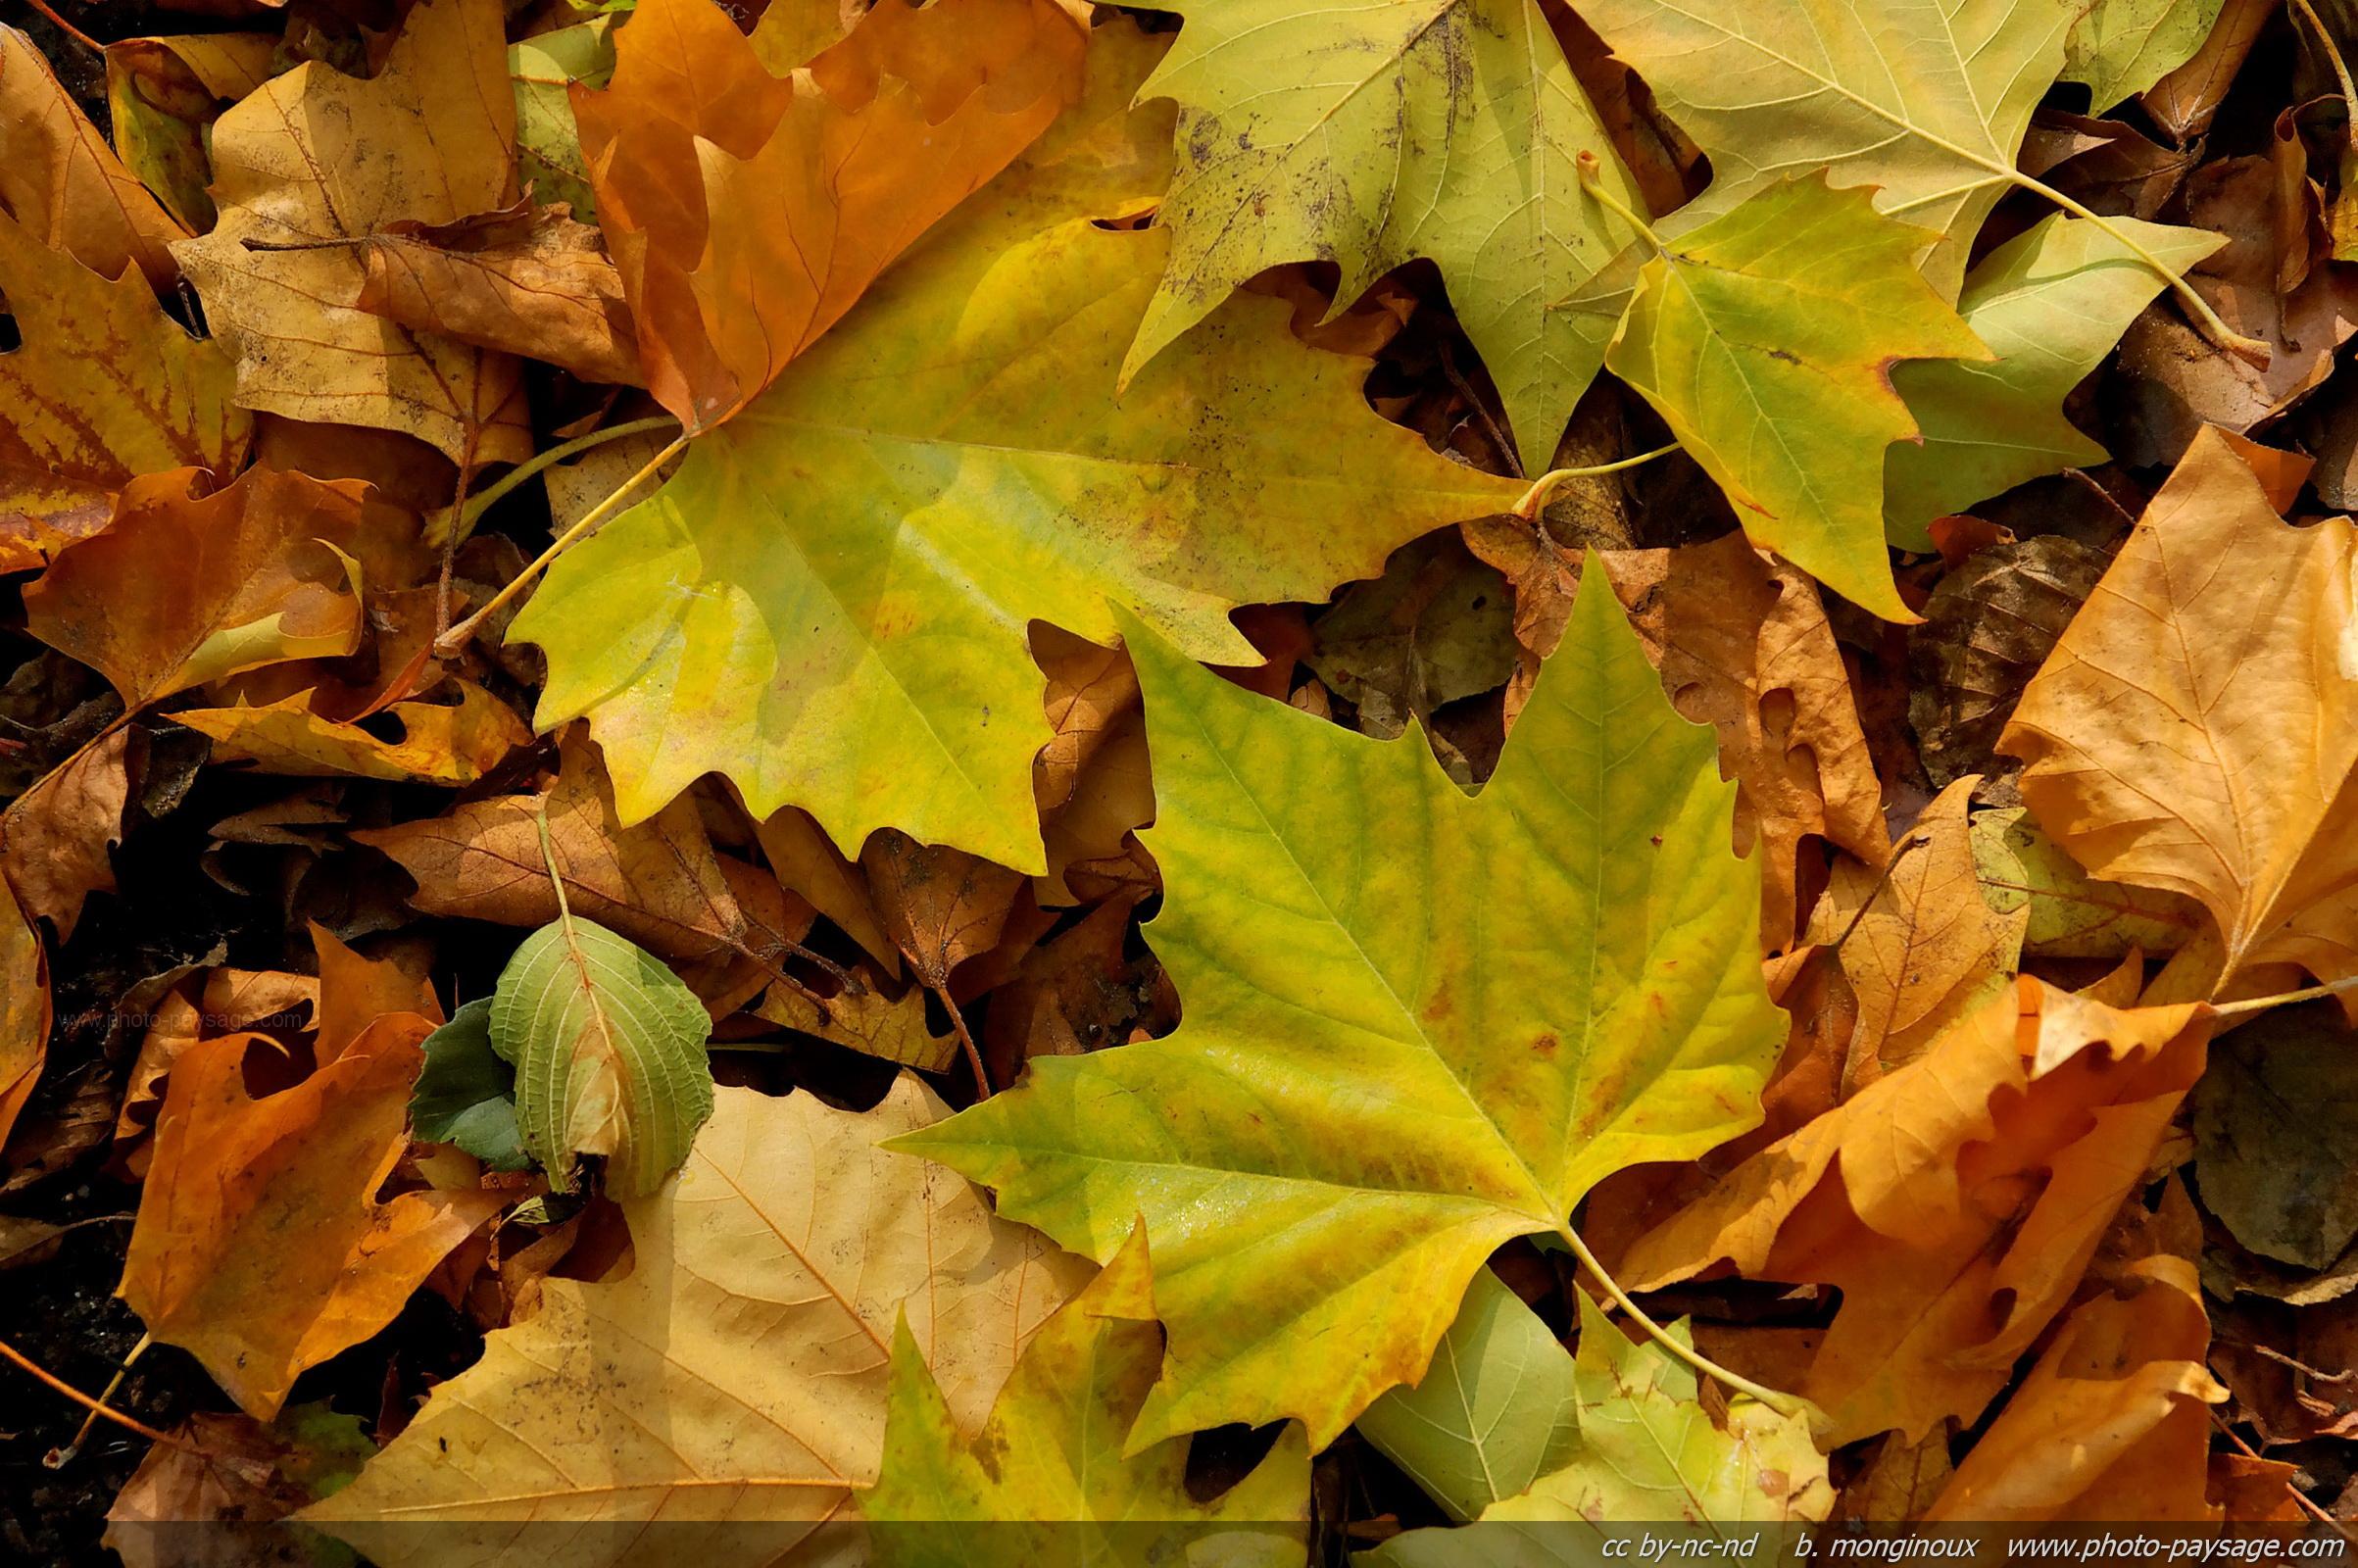 Feuilles mortes en automne photo le blog - Image feuille automne ...